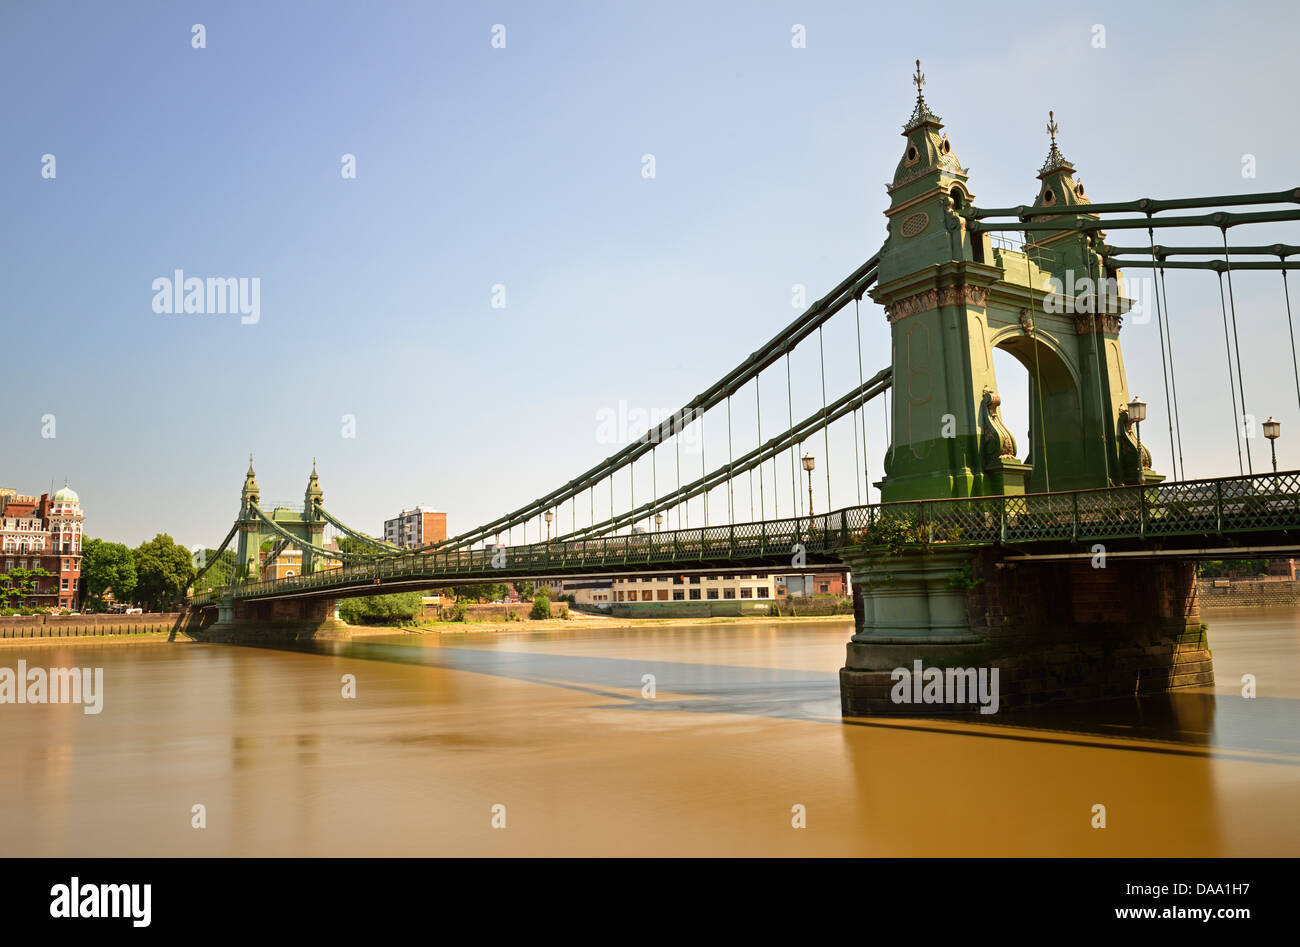 Une longue exposition, pont suspendu de Hammersmith, Londres, Royaume-Uni Banque D'Images